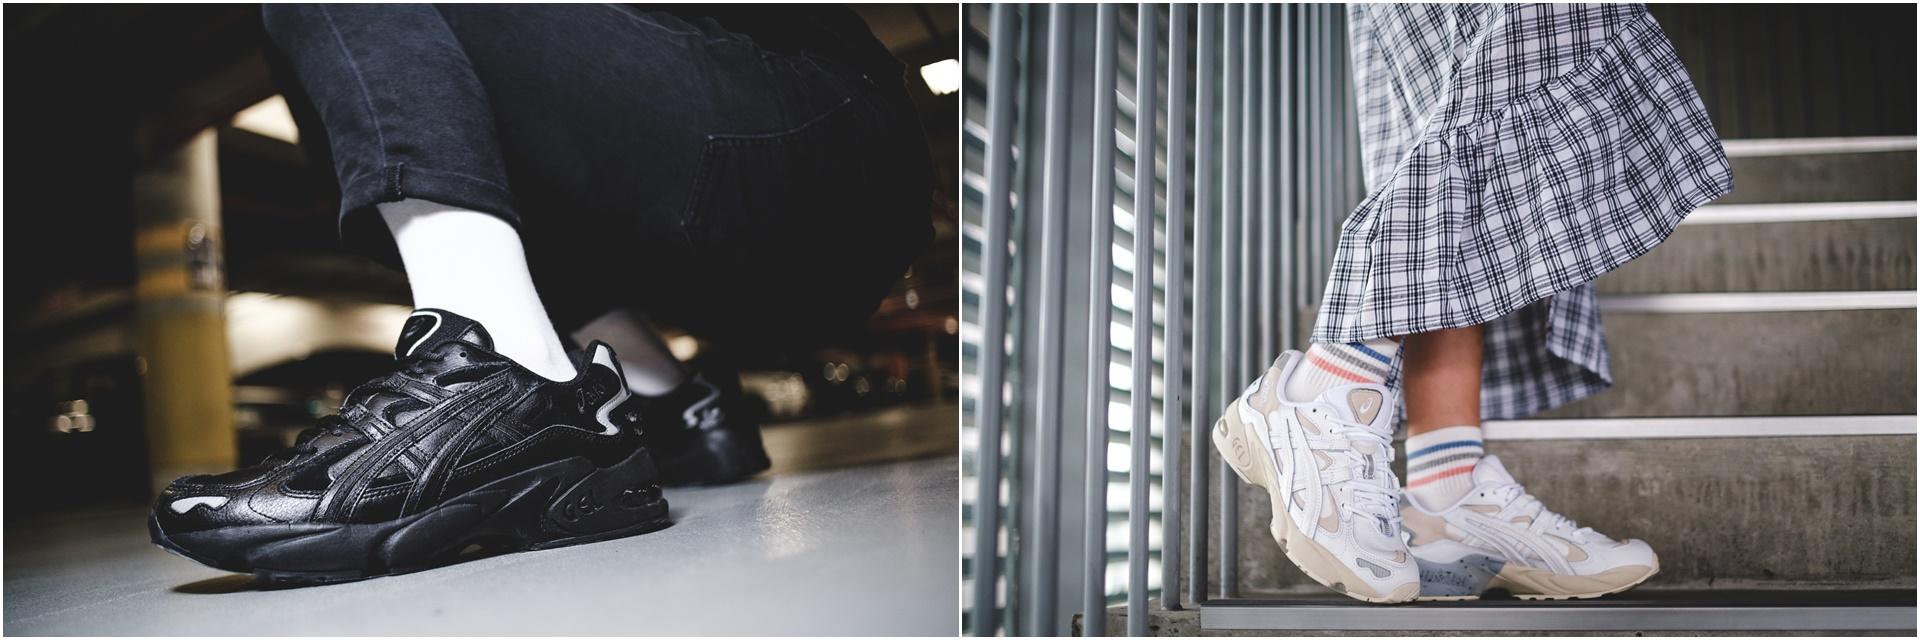 質感皮革讓老爹鞋更有味!ASICS 旗下 ASICSTIGER 潮流力作 GEL-KAYANO 5 OG 全新版本,極簡黑白配色、男女款強勢再臨!